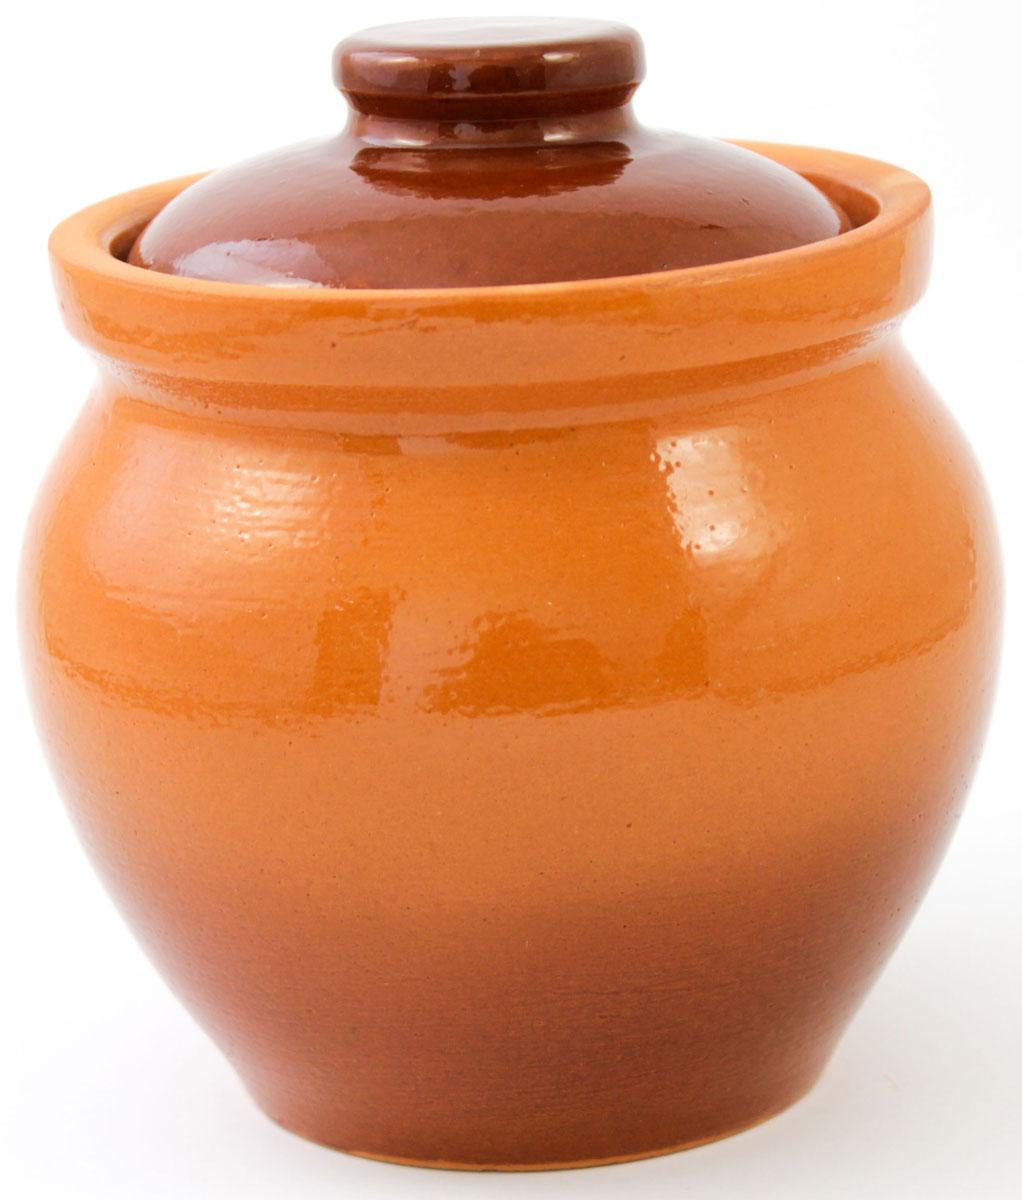 Горшок для запекания Ломоносовская керамика, с крышкой, 400 мл68/5/4Горшок для запекания Ломоносовская керамика с крышкой выполнен из высококачественной глины. Уникальные свойства глины и толстые стенки изделия обеспечивают эффект русской печи при приготовлении блюд. Блюда, приготовленные в керамическом горшке, получаются нежными исочными. Вы сможете приготовить мясо, сделать томленые овощи и все это без капли масла. Этоодин из самых здоровых способов готовки.